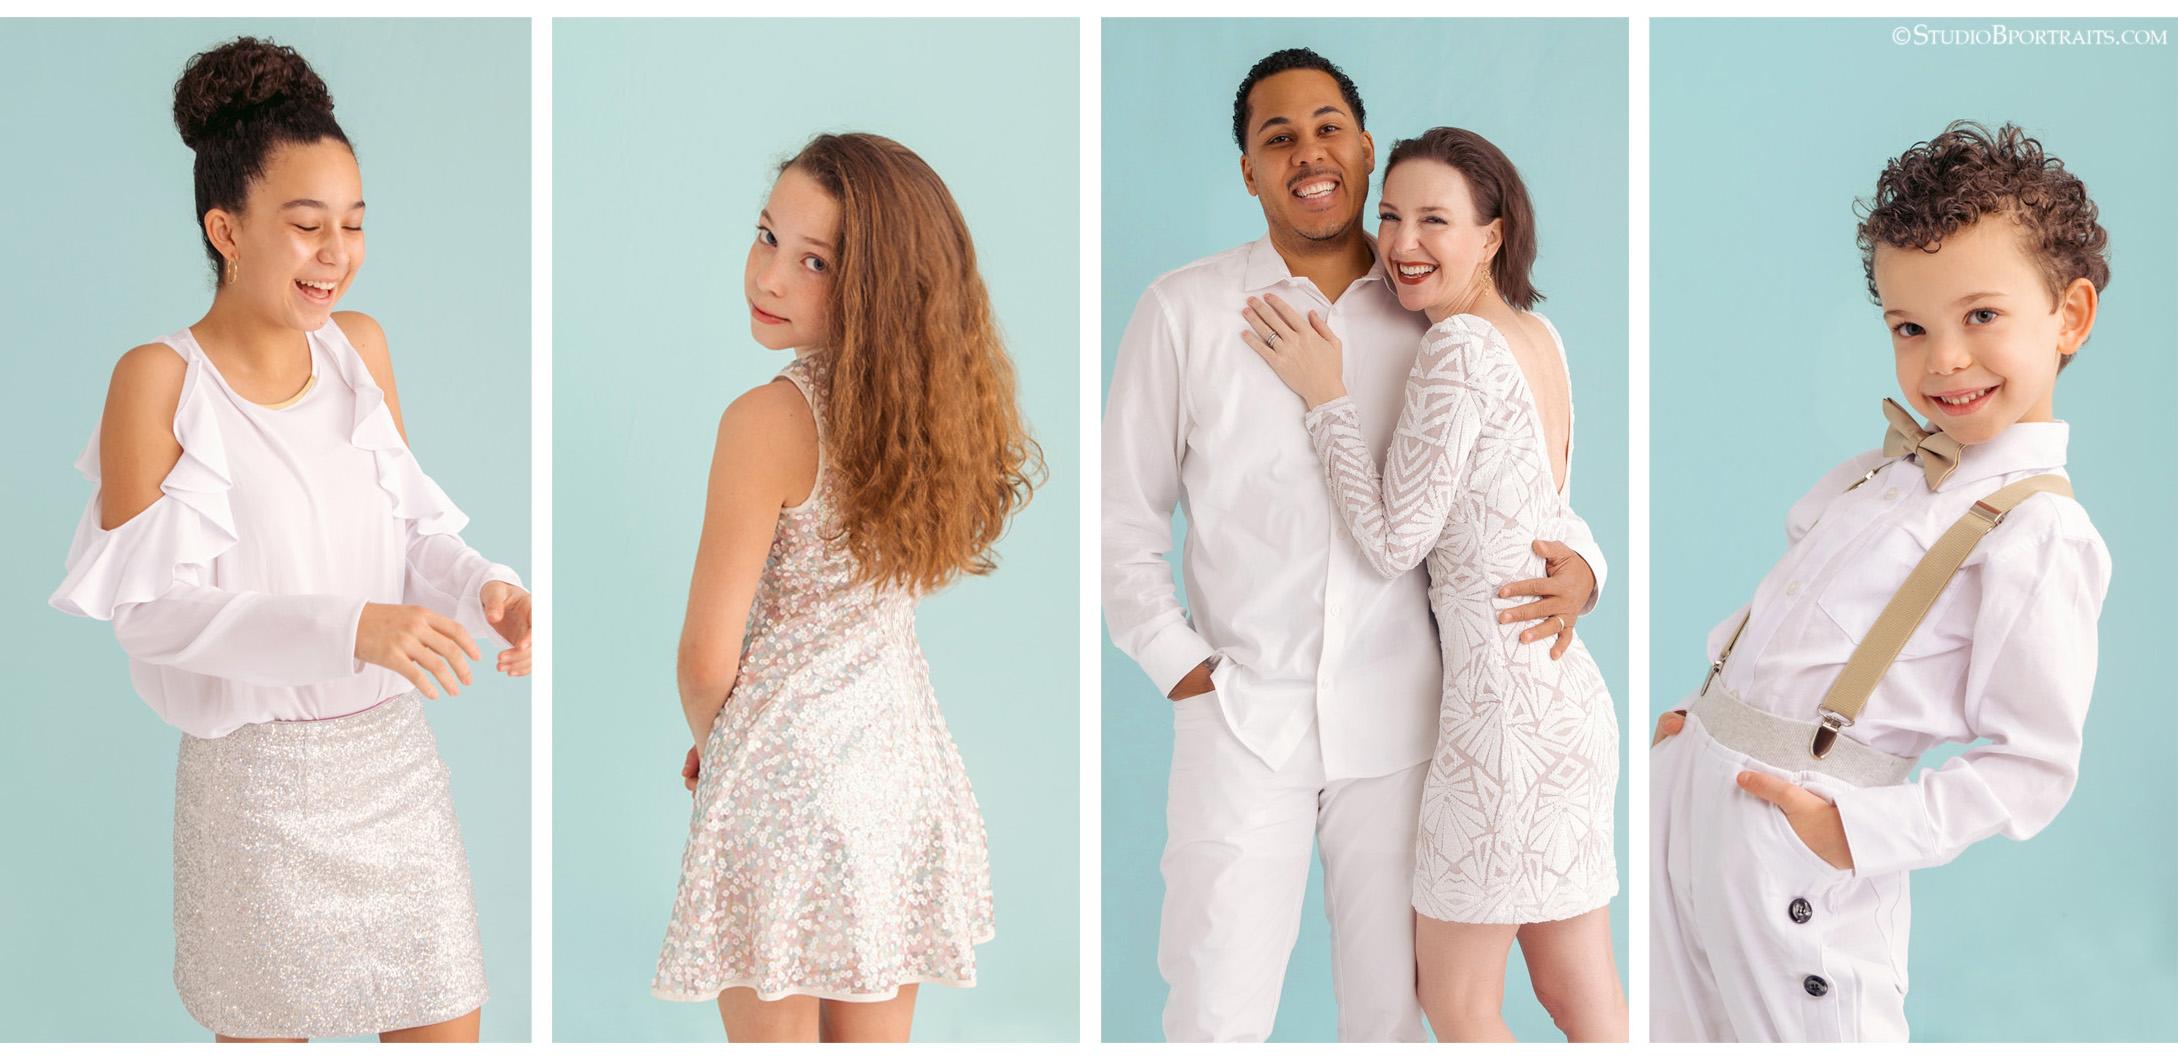 Family portraits of Studio B photographer Brooke and Glenn Clark wearing white on white_web.jpg